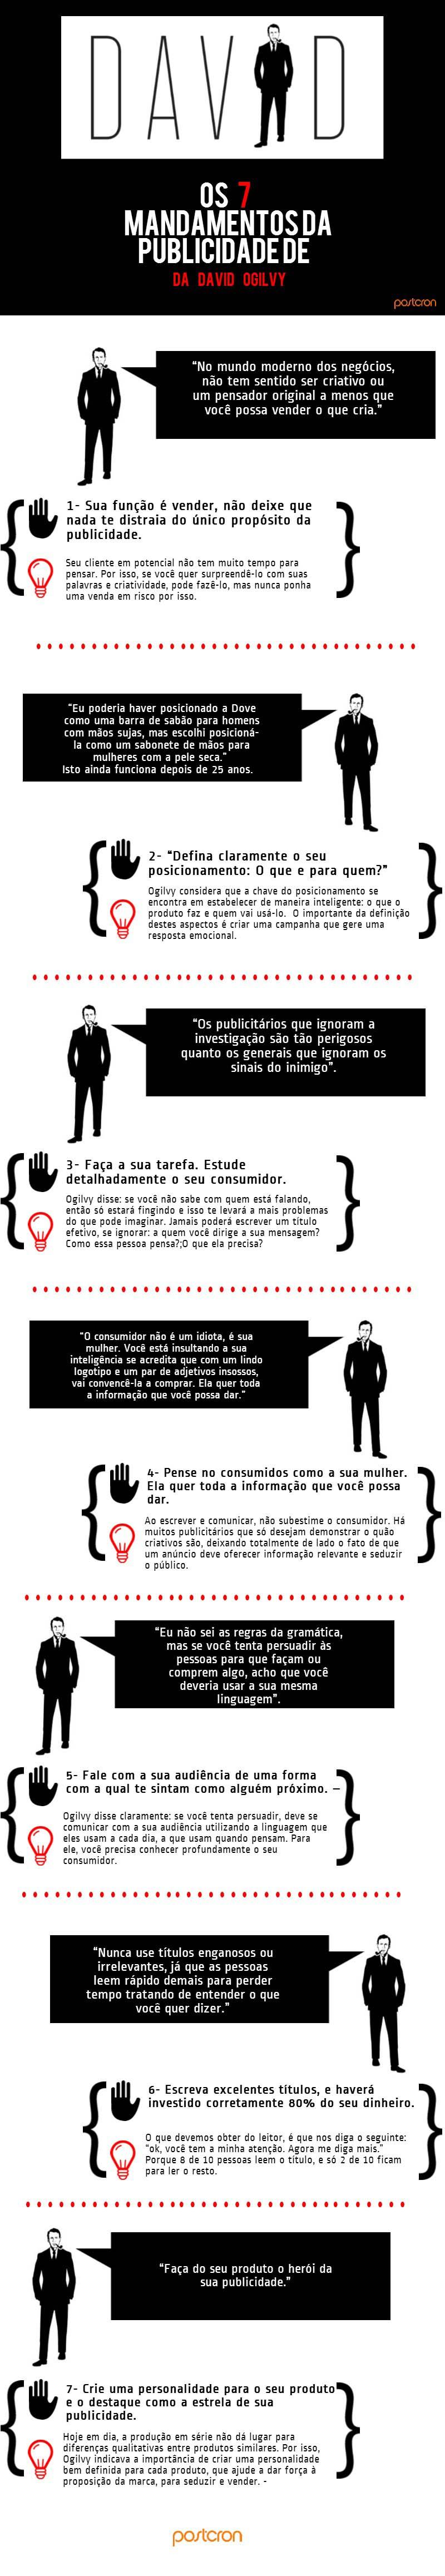 Os 7 Mandamentos Da Publicidade